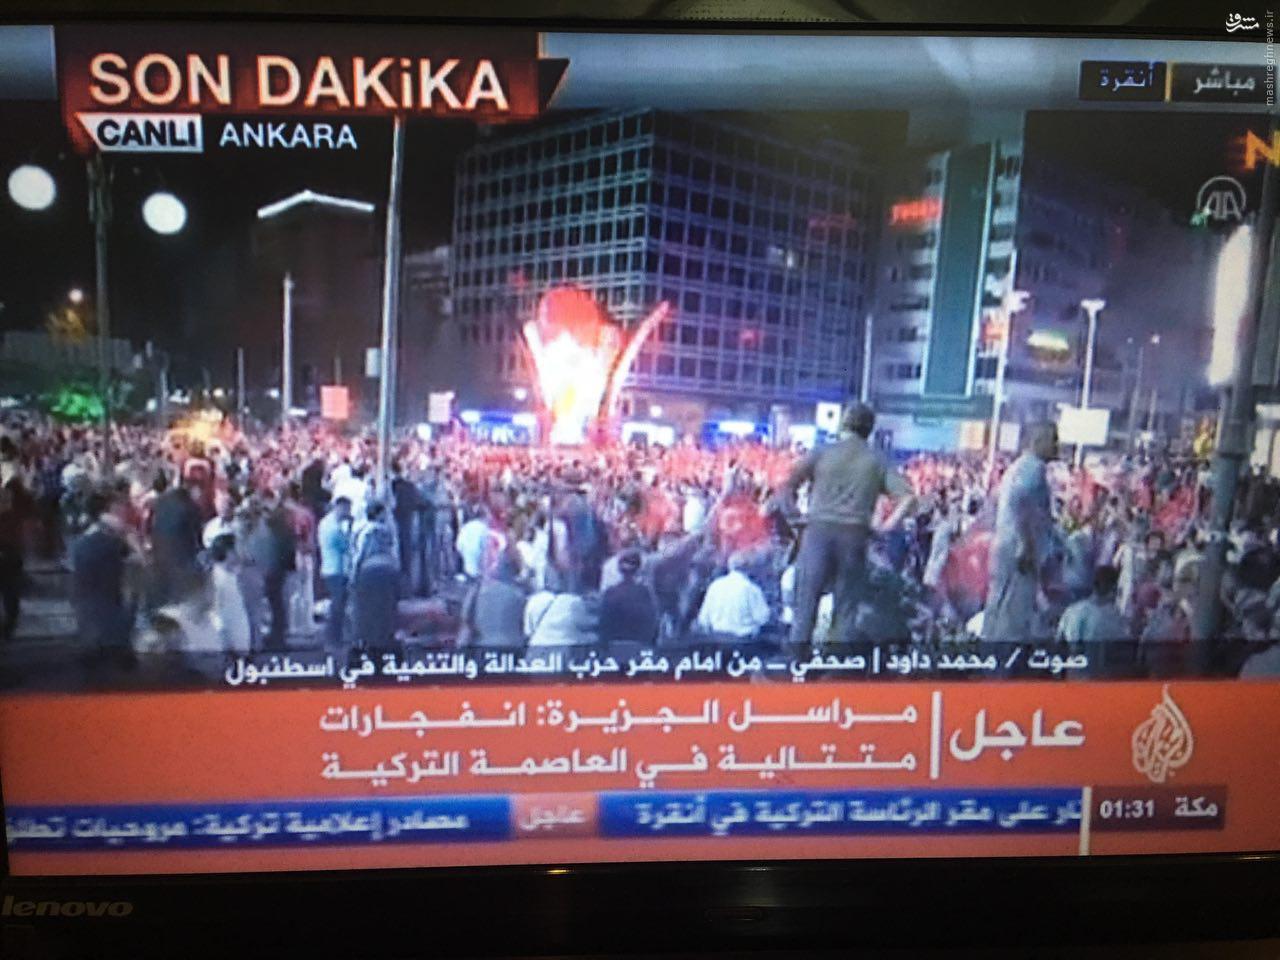 کودتا در ترکیه/ اردوغان از مردم خواست به خیابانها بریزند/ تلویزیون و فرودگاهها در تصرف کودتاچیان/ انتشار اولین ویدئو از اردوغان + تصاویر و فیلم